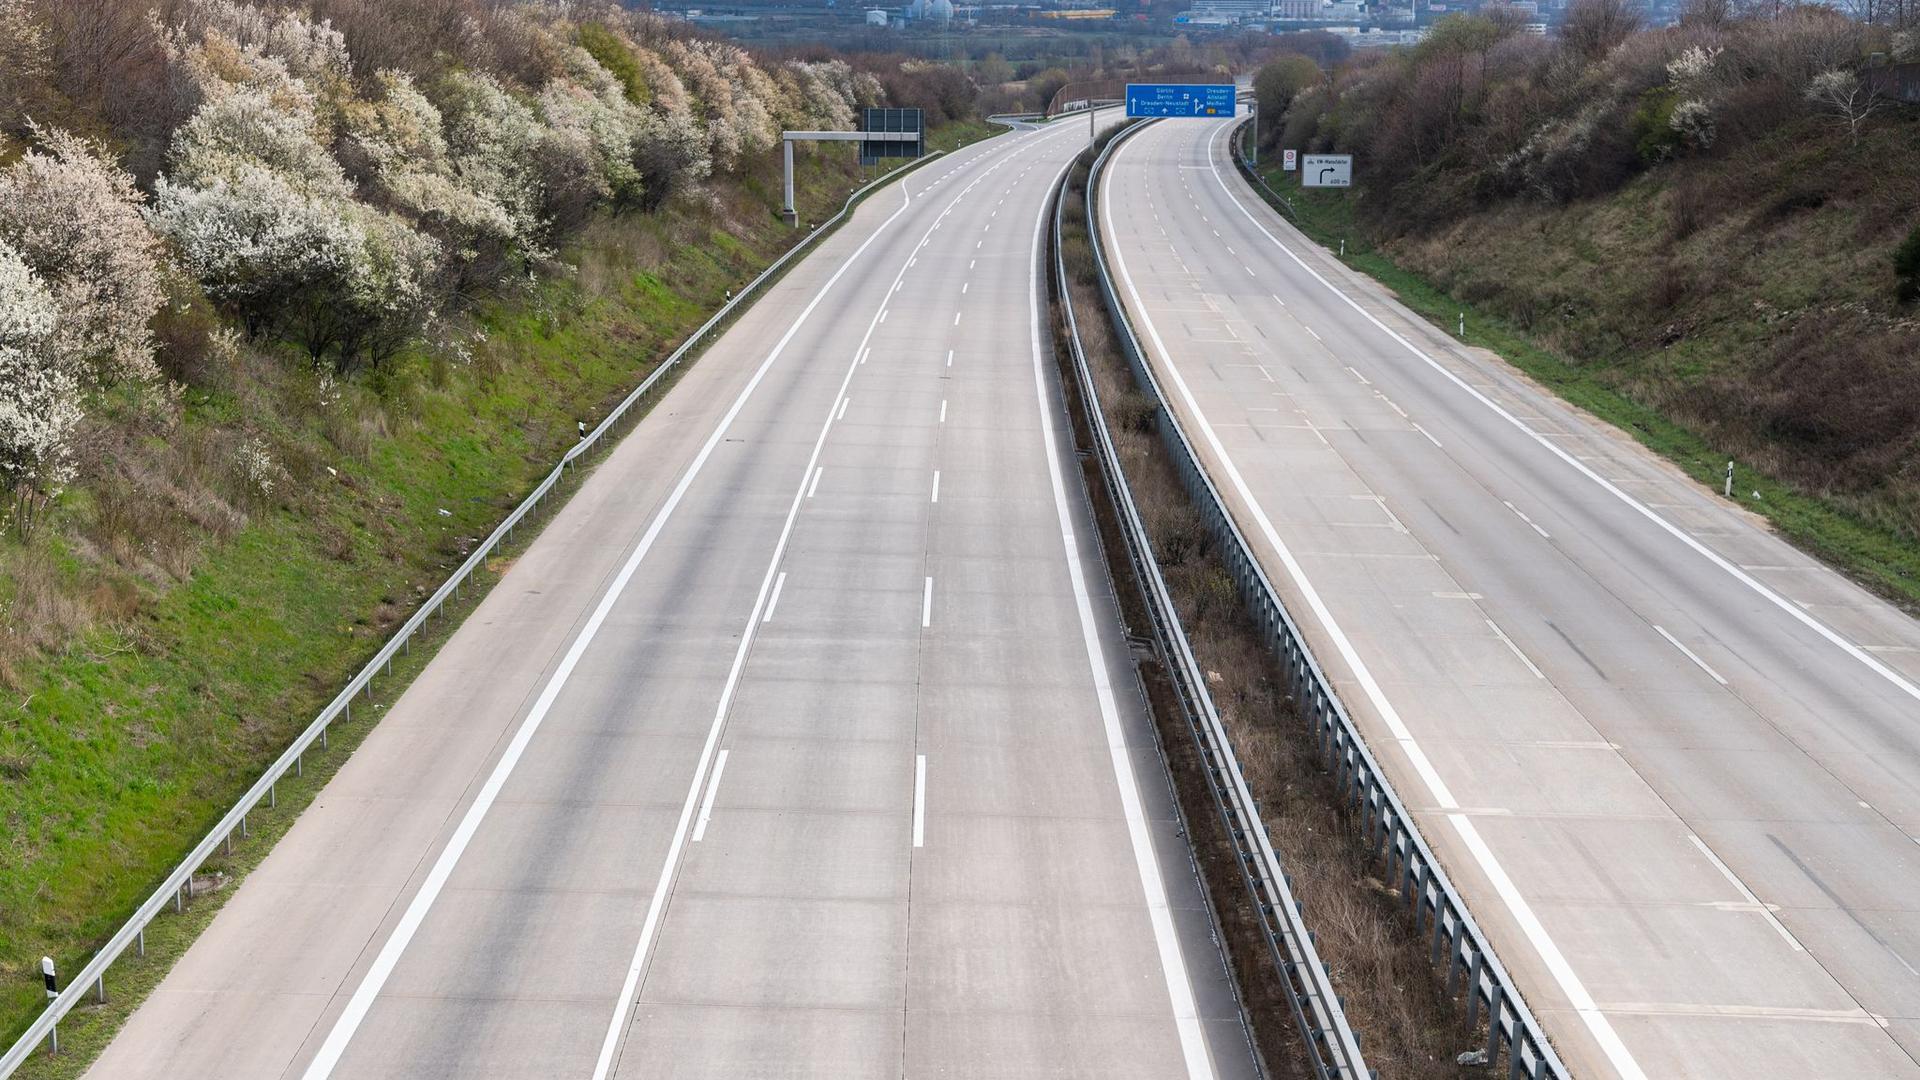 Kein einziges Auto ist während der Corona-Pandemie auf der Autobahn A4 zu sehen.